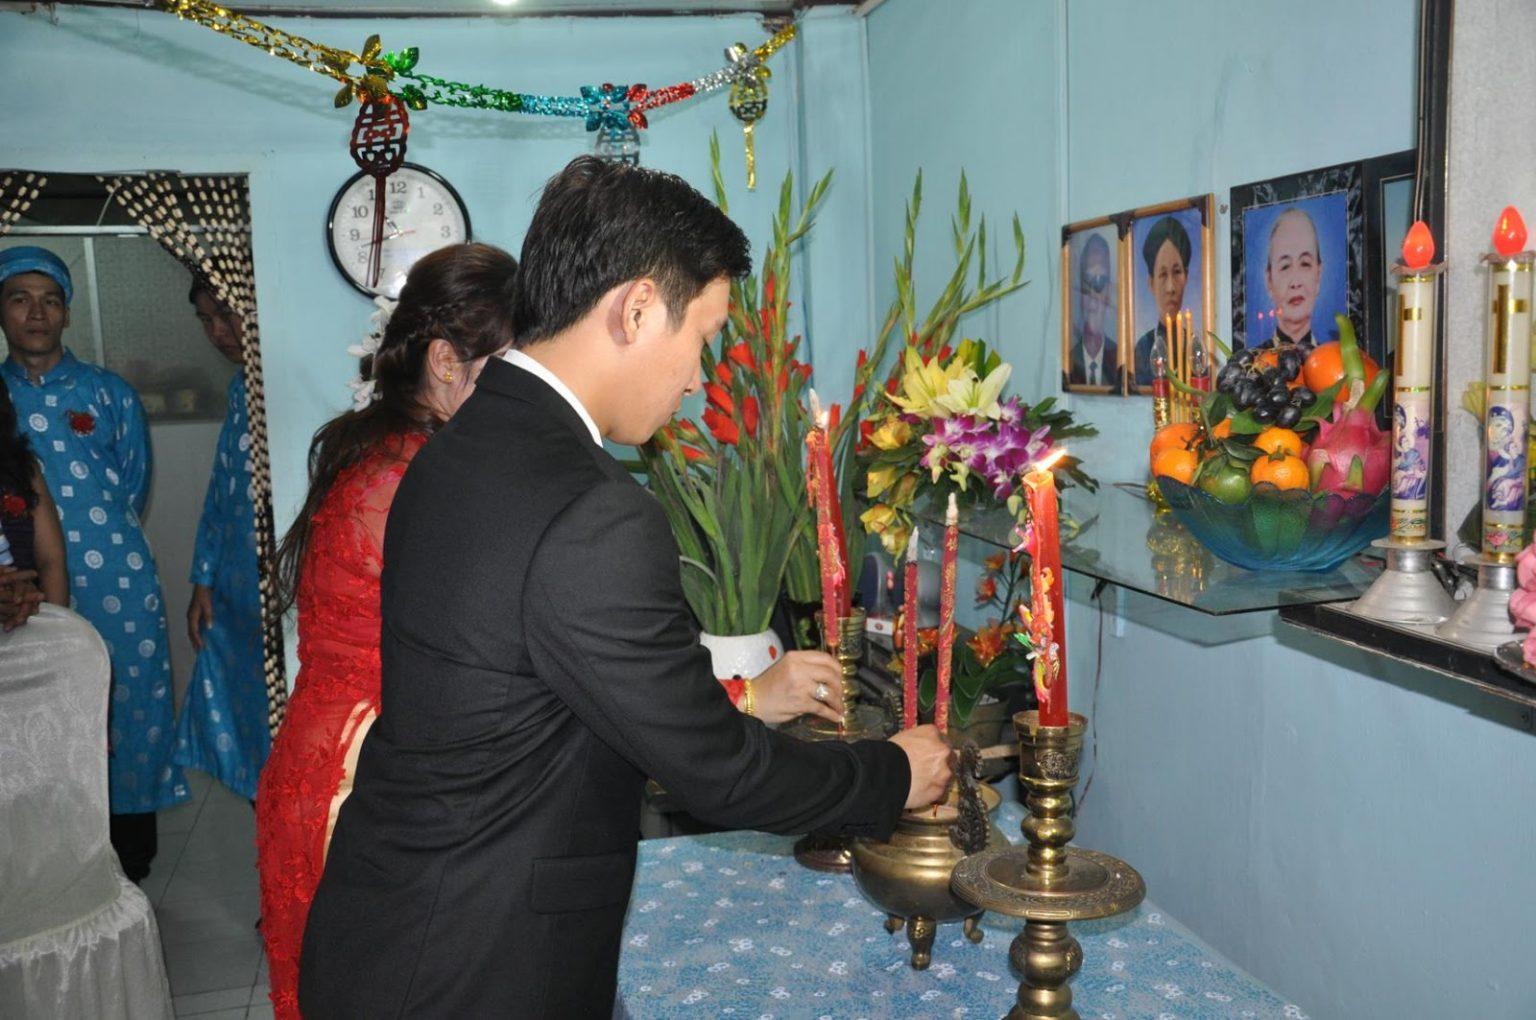 thờ kính tổ tiên là phong tục tốt đẹp của người dân Việt nam